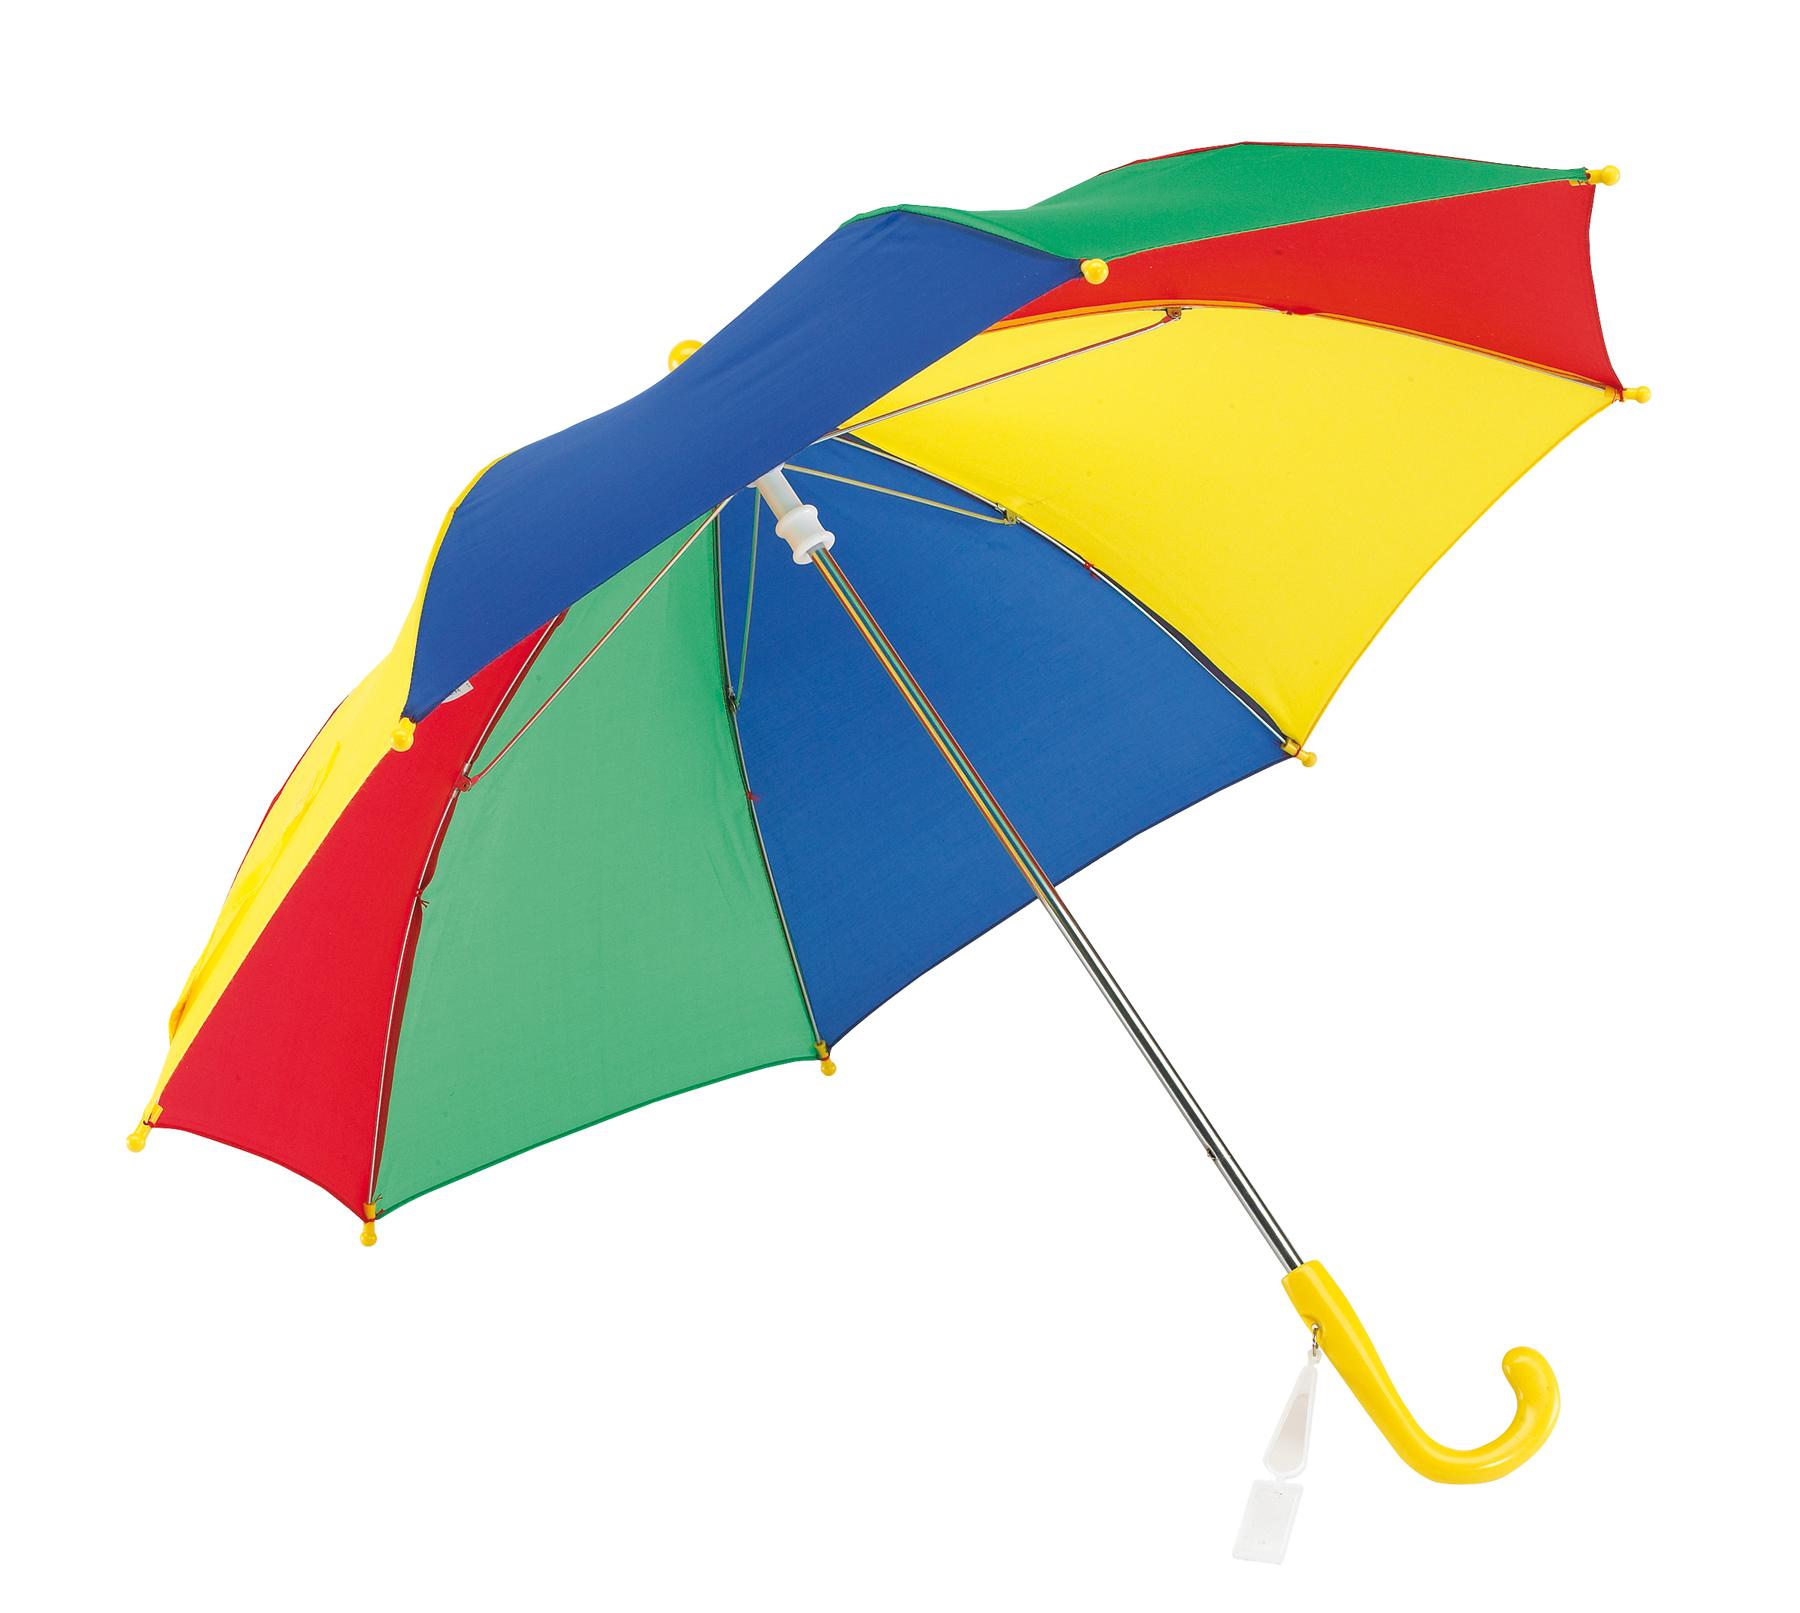 Parasol dziecięcy, czerwony, niebieski, zielony, żółty